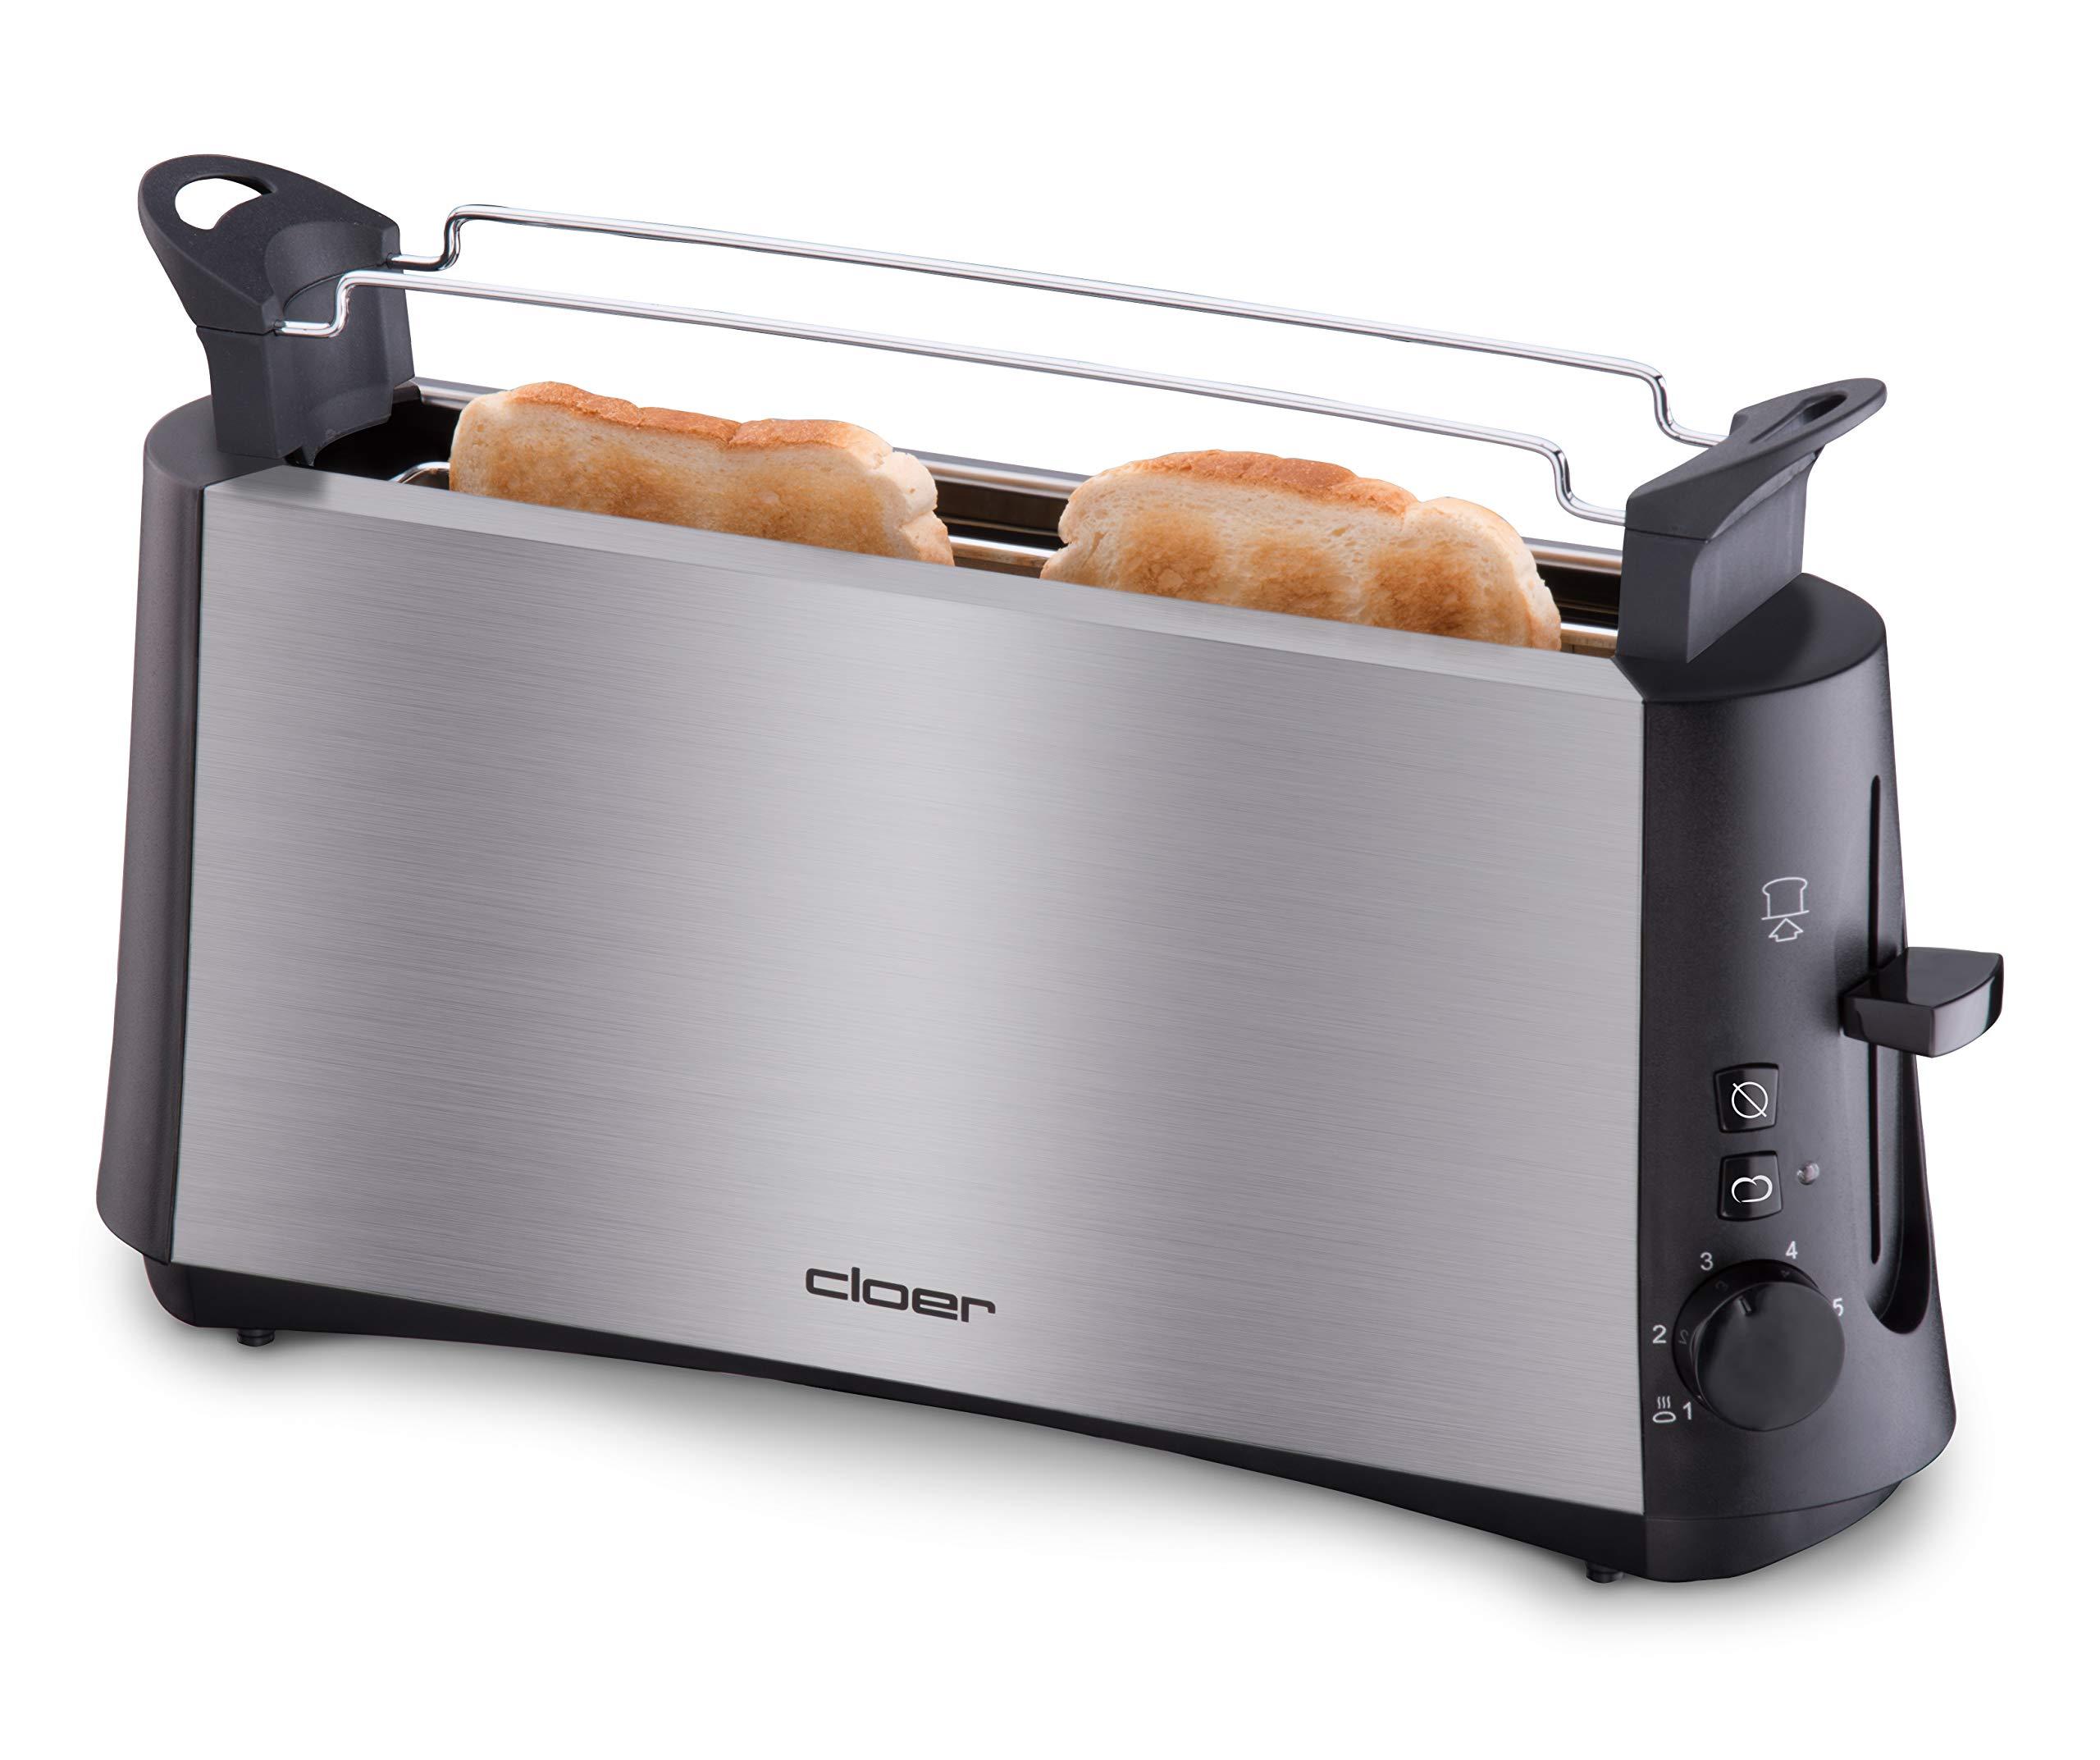 Cloer-3810-Langschlitztoaster-fr-2-Toastscheiben-880-W-StiWa-gut-Graubrot-Funktion-fr-verschiedene-Brotsorten-Brtchenaufsatz-Nachhebevorrichtung-mattiertes-wrmeisoliertes-Edelstahlgehuse